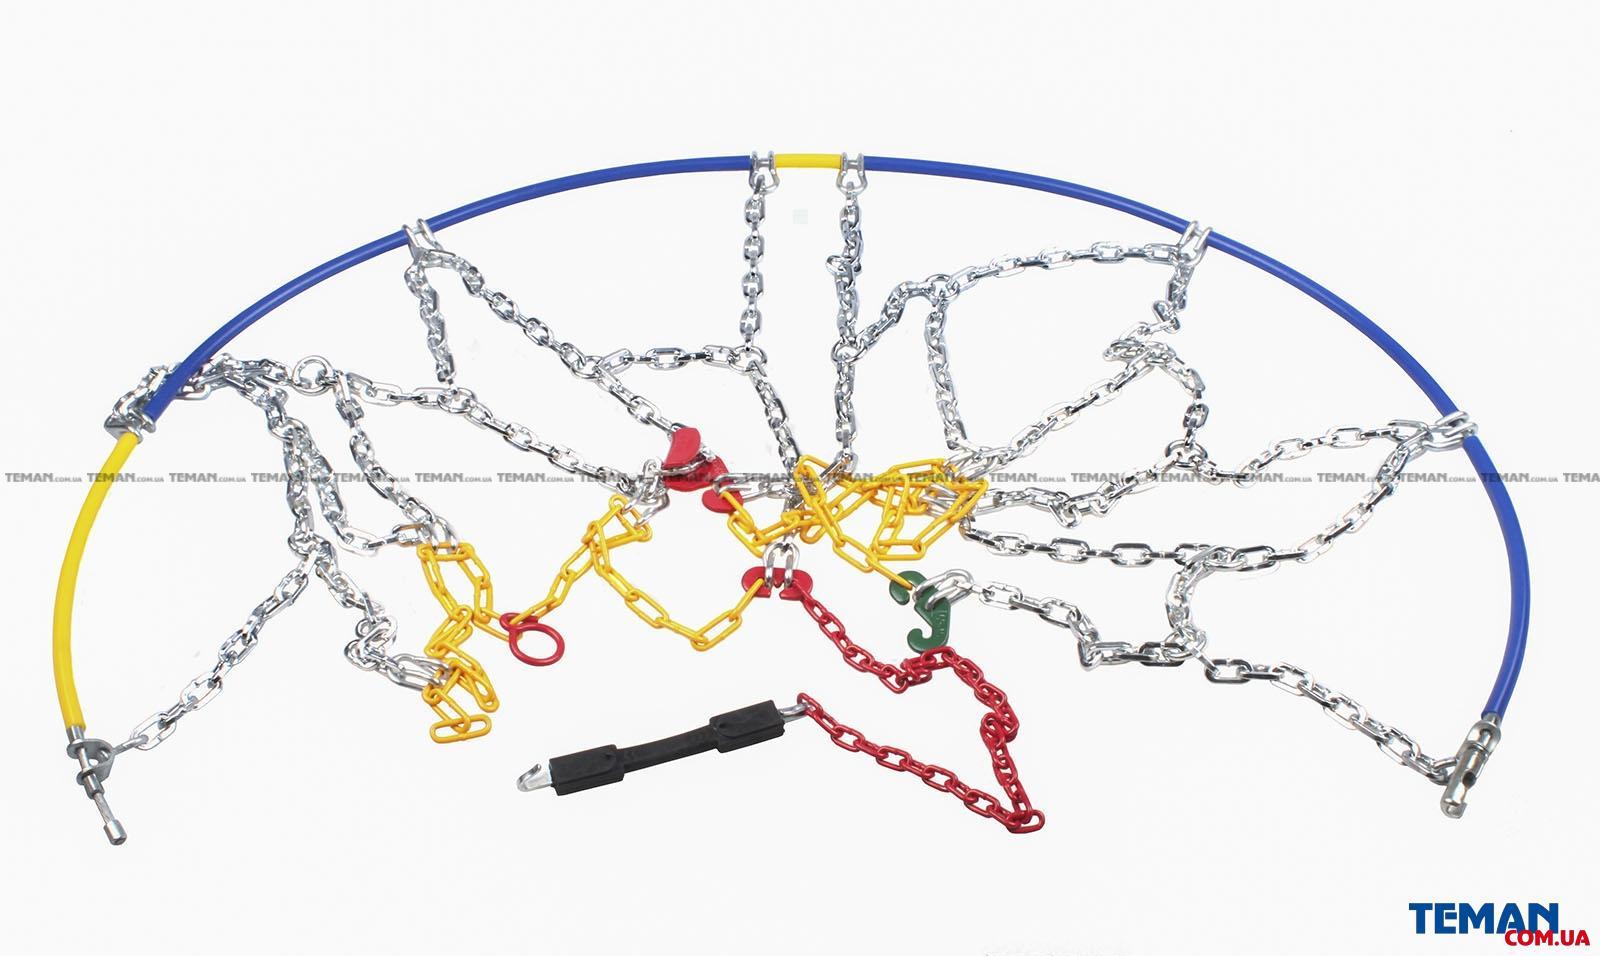 Ланцюги колісні протиковзання